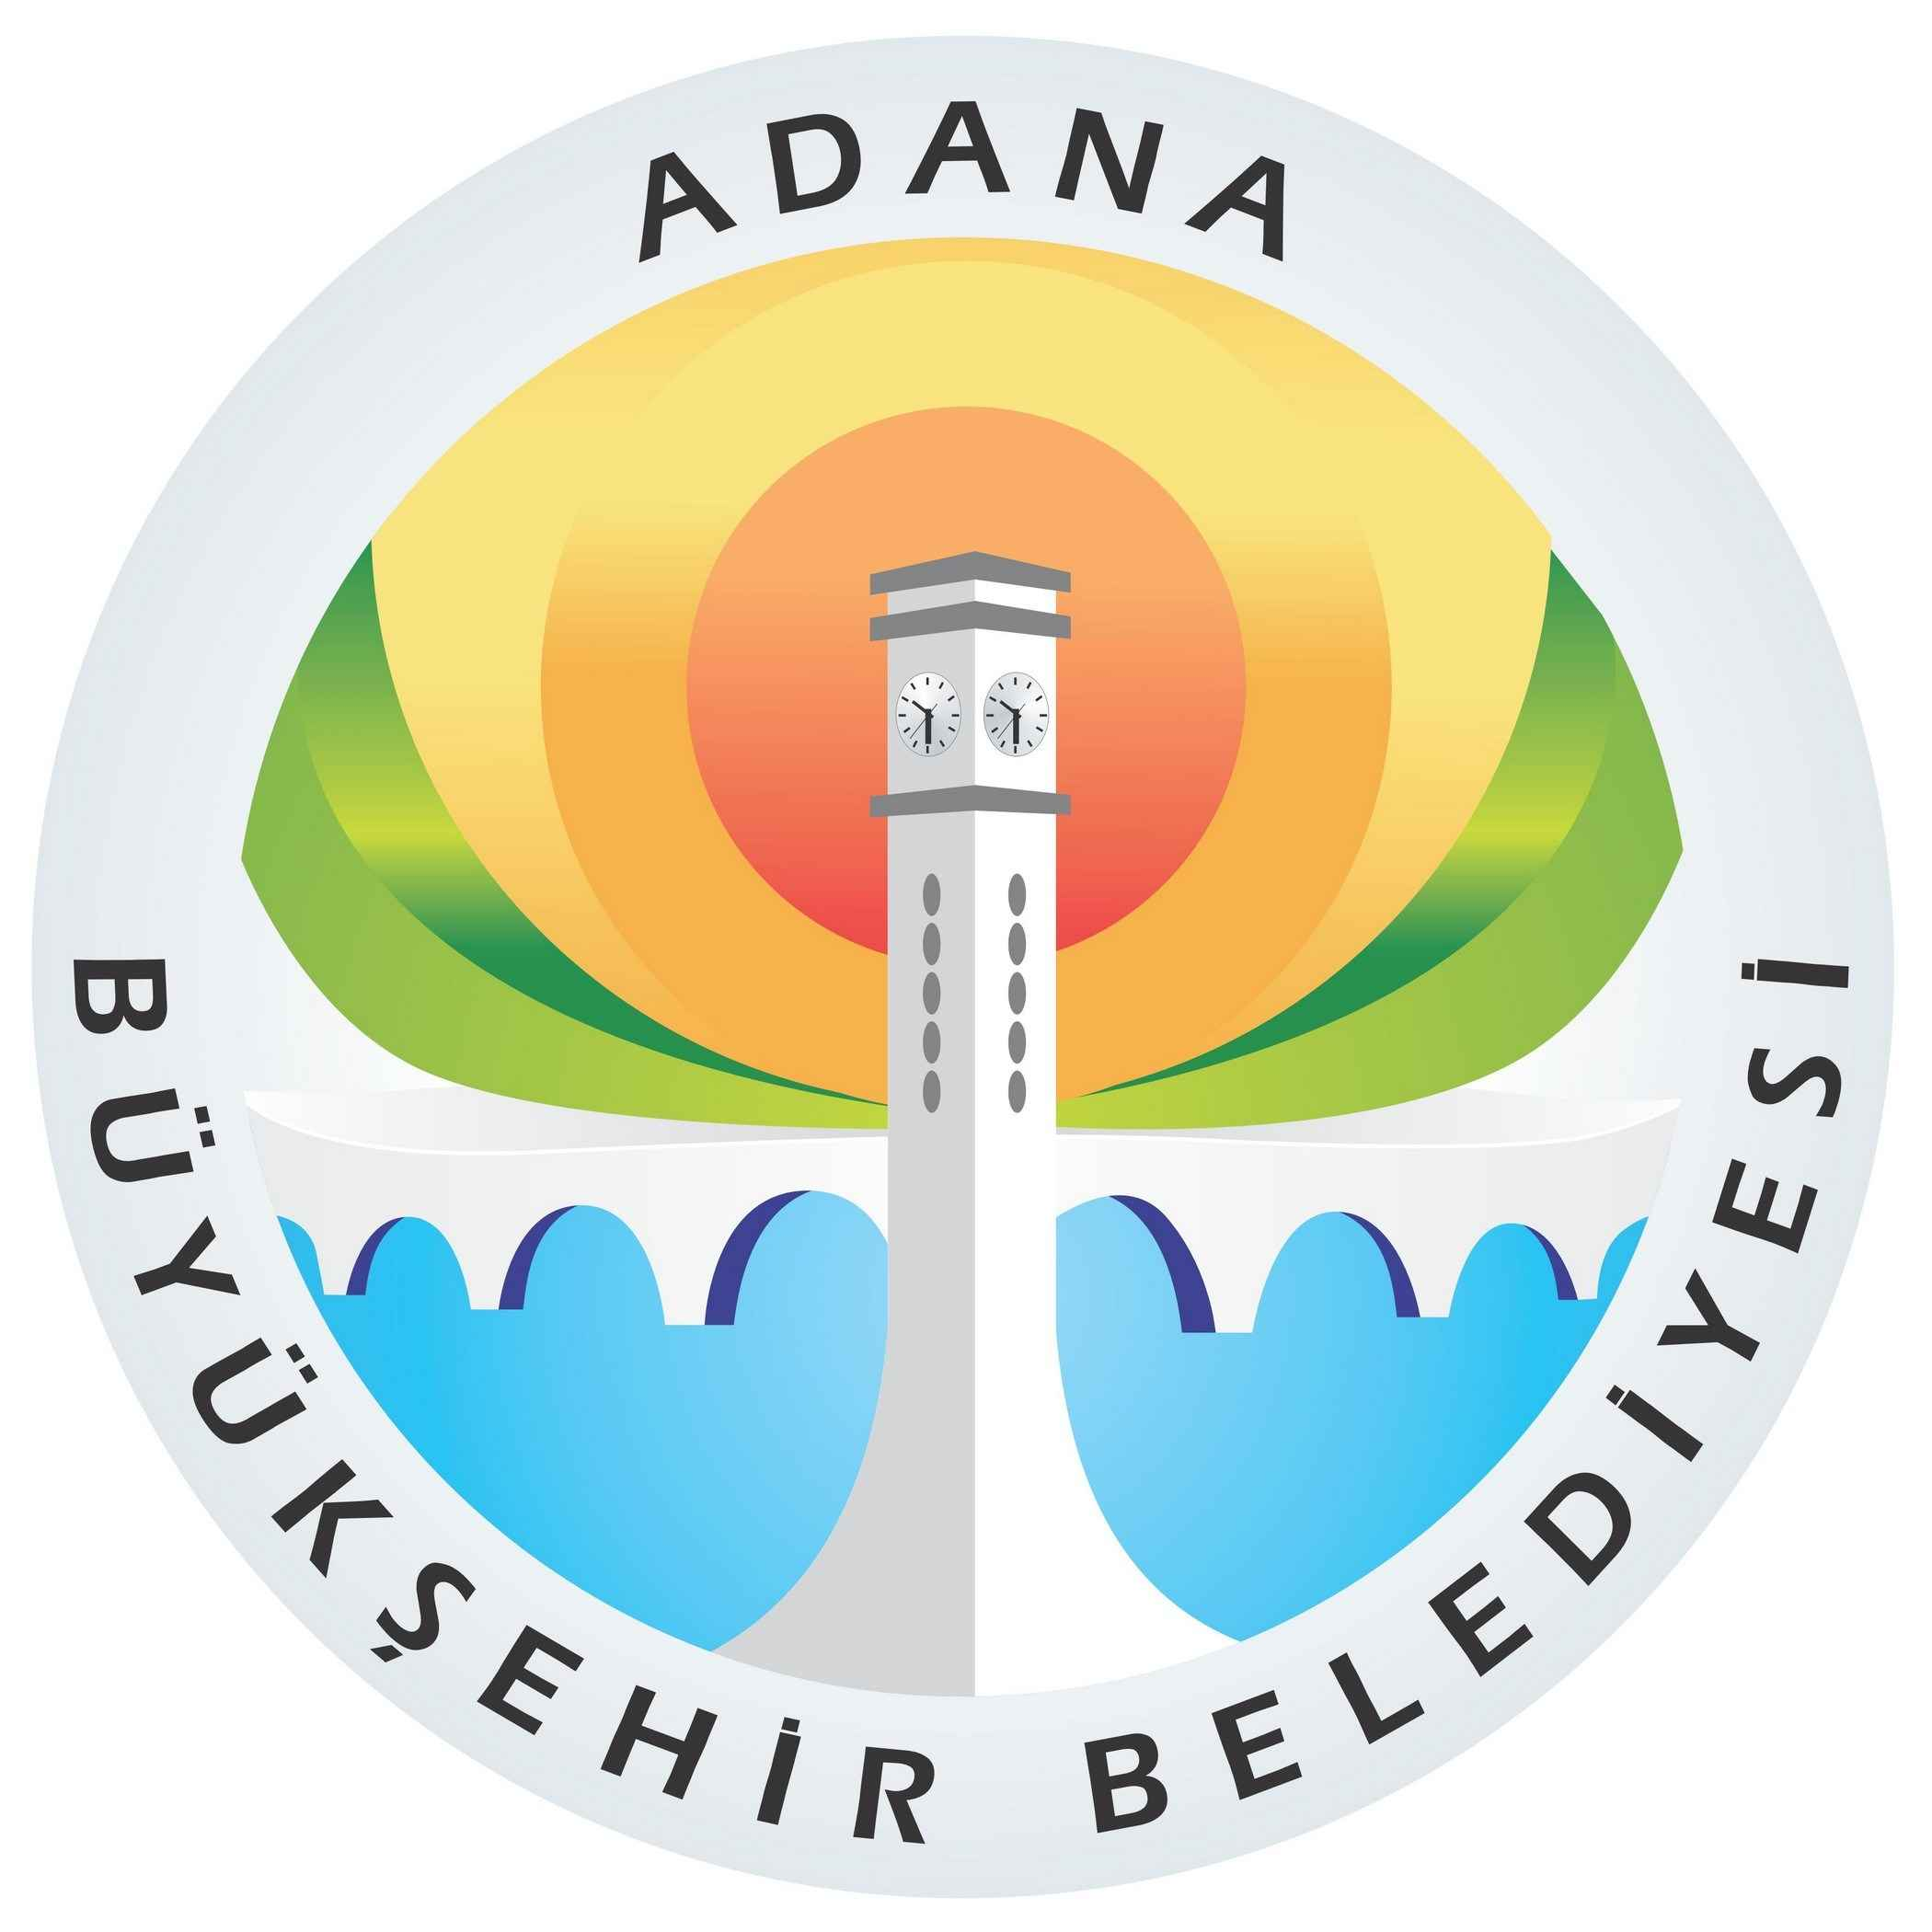 adana-buyuksehir-belediyesi-logo